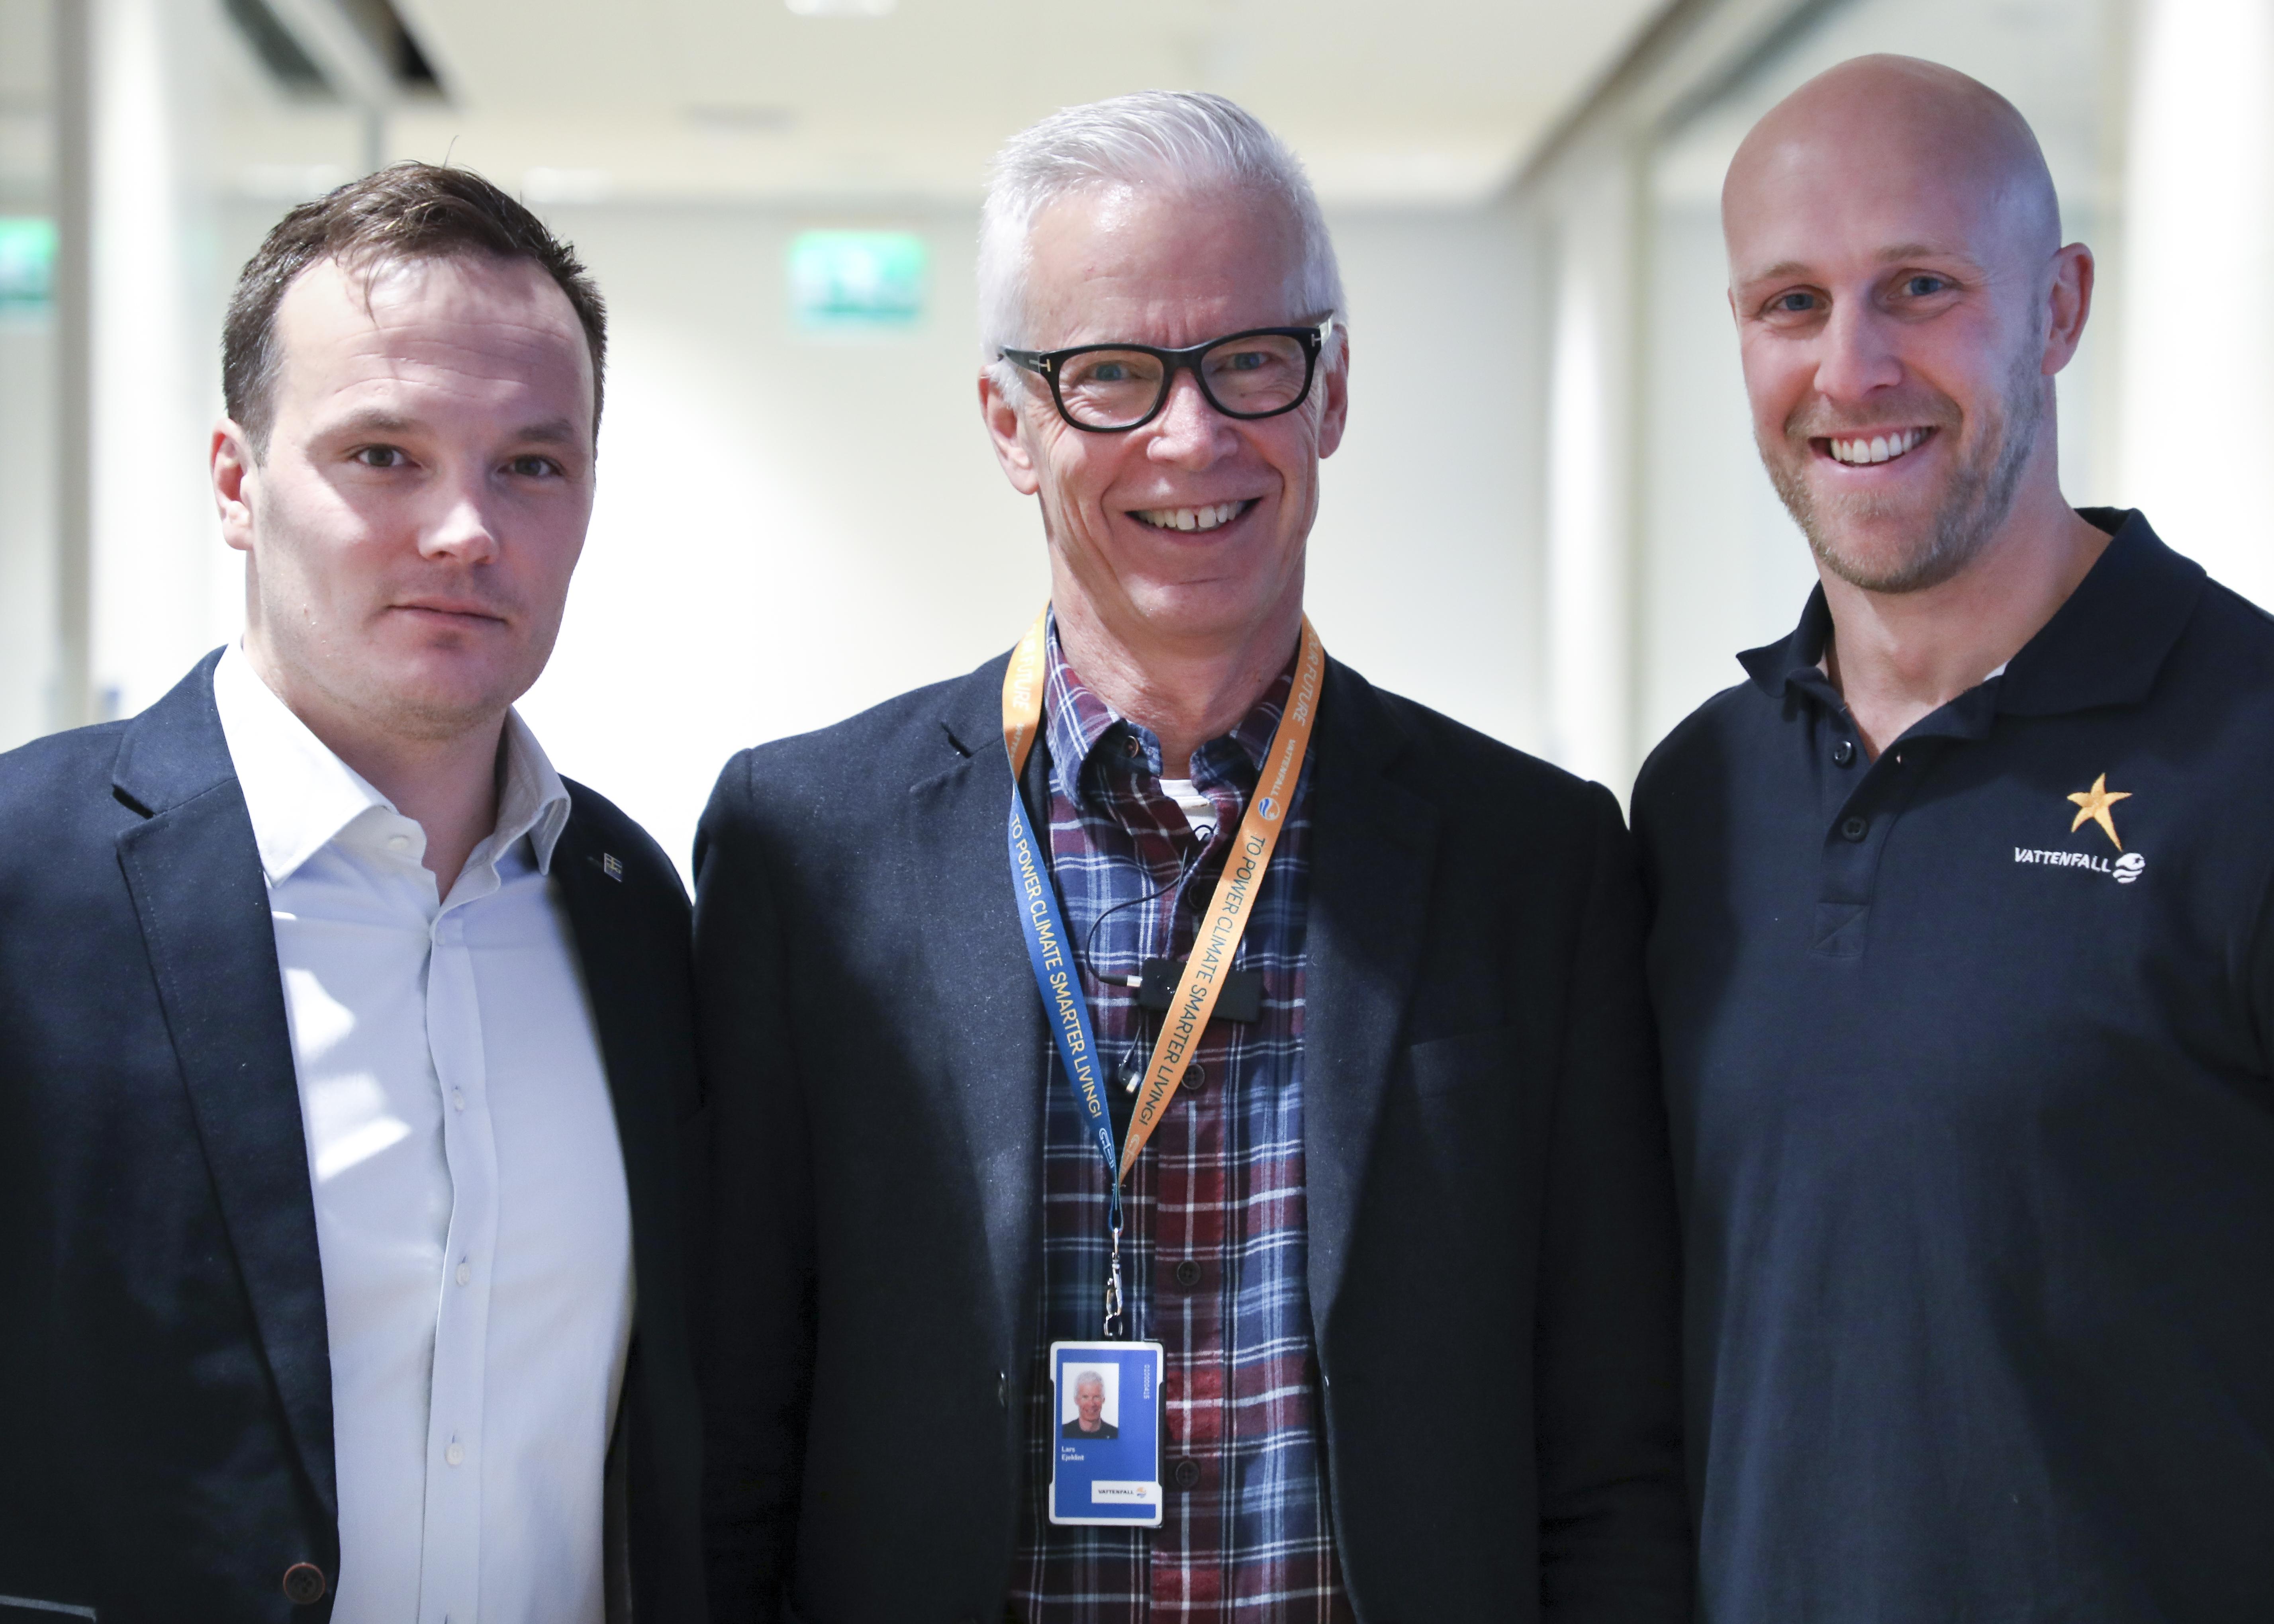 Tommy Eliasson Winter, Lasse Ejeklint, Kalle Olsson Bexell